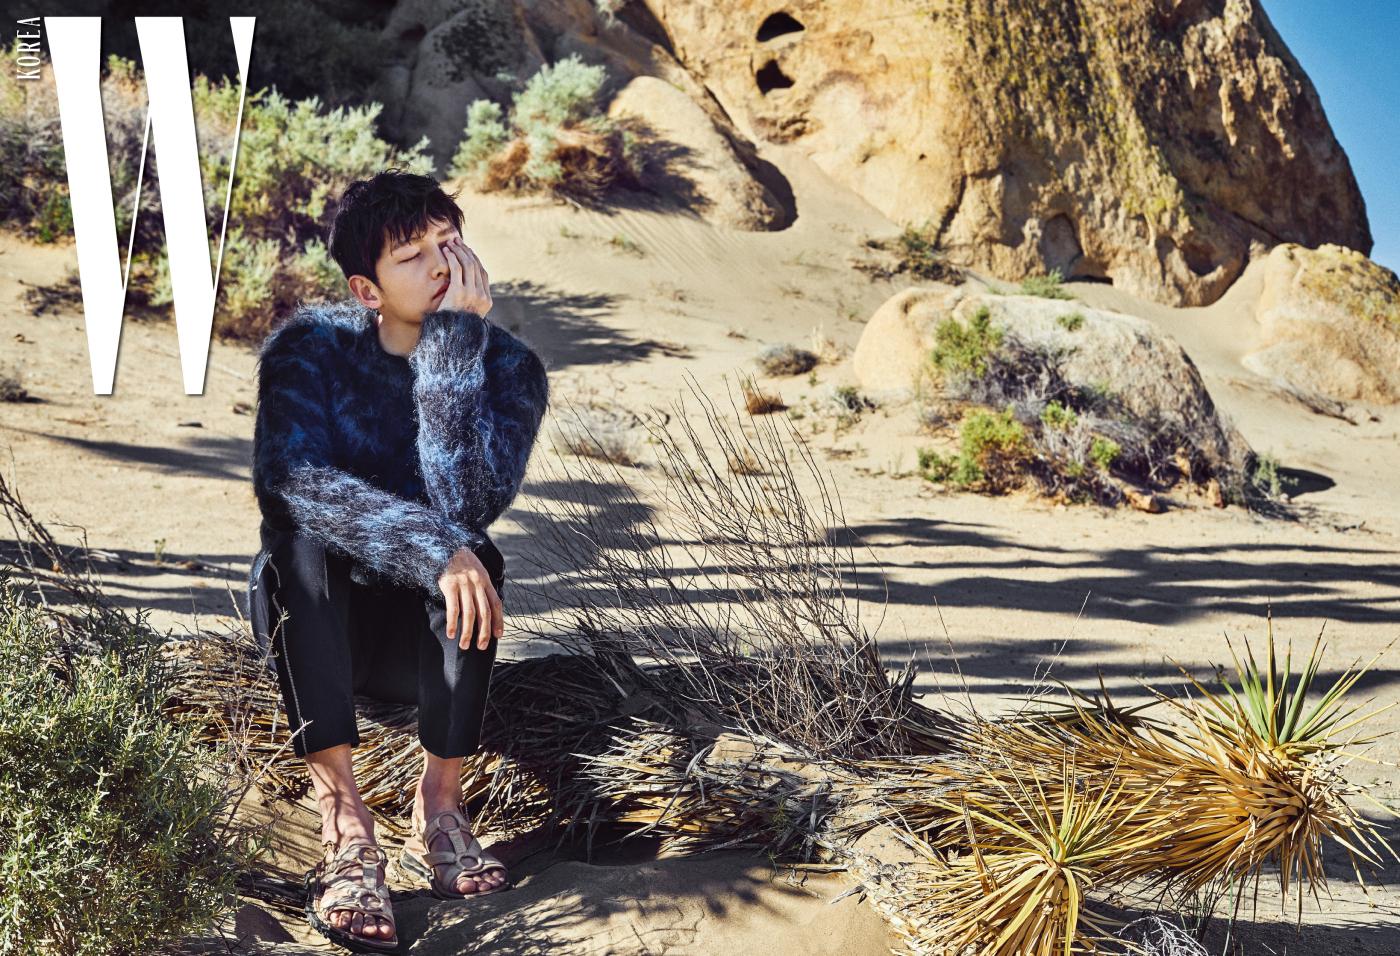 질감이 돋보이는 남색 모헤어 소재 스웨터, 팬츠, 샌들은 모두 Louis Vuitton 제품.